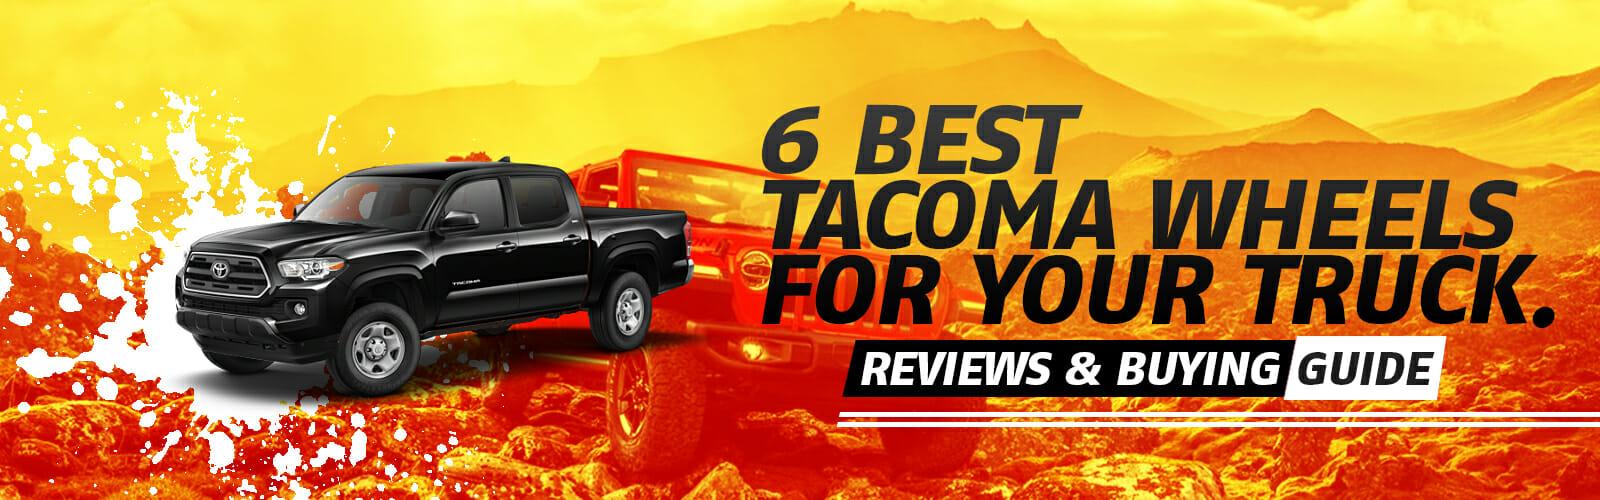 Toyota Tacoma Wheels